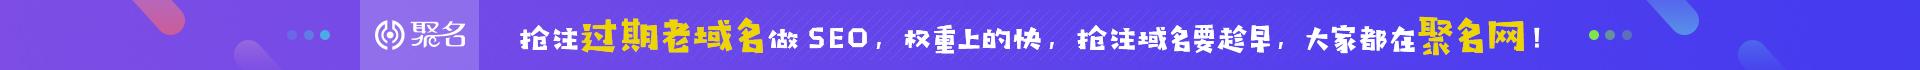 抢注过期老域名,做seo,权重上的快,抢注域名要趁早,大家都在聚名网